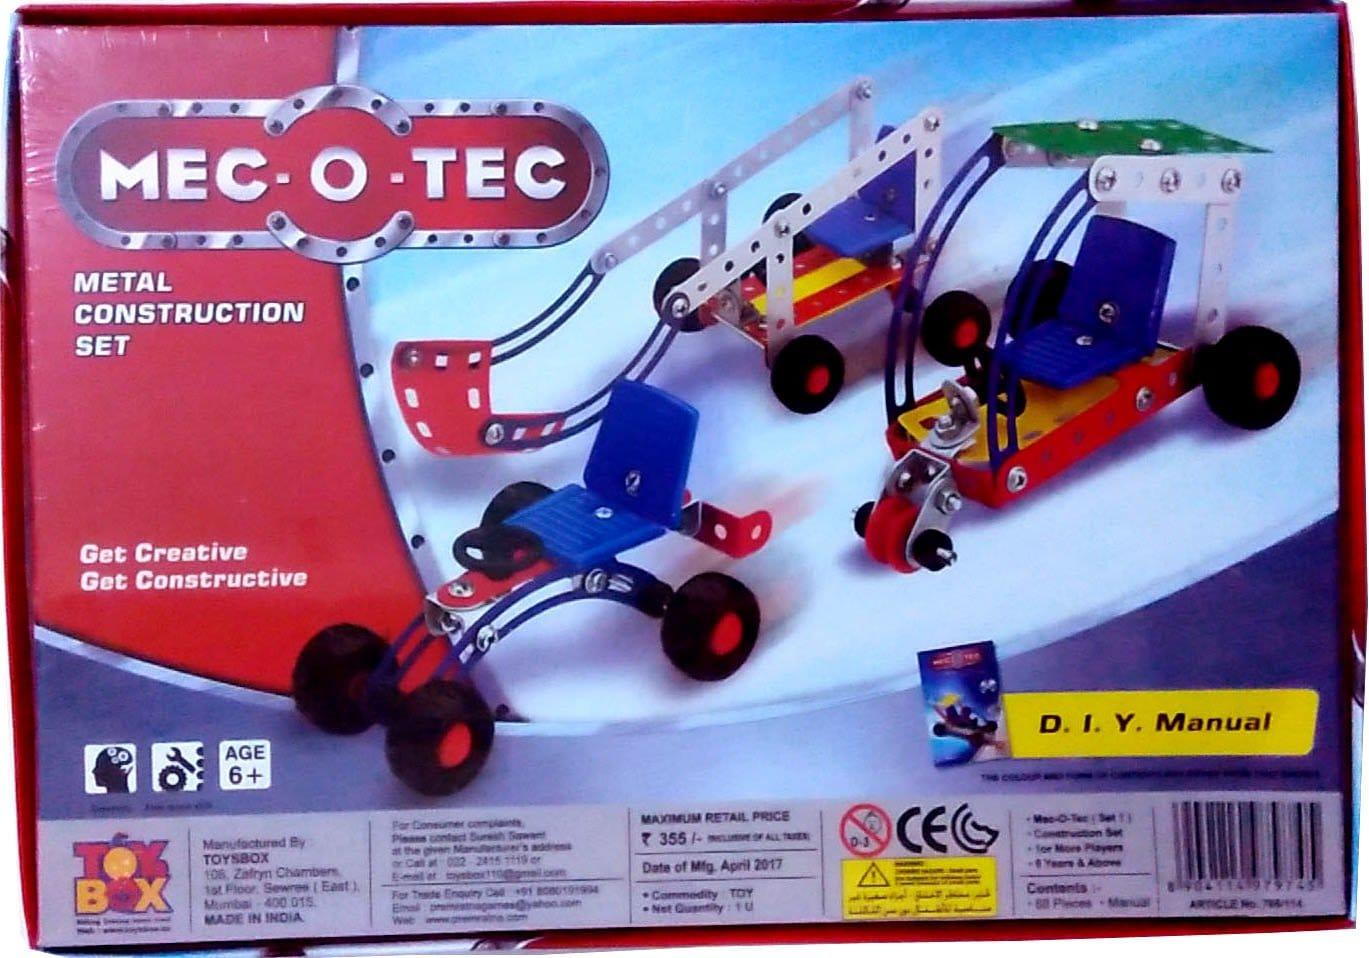 Mec O Tec Set - 1 (Metal Construction Set)